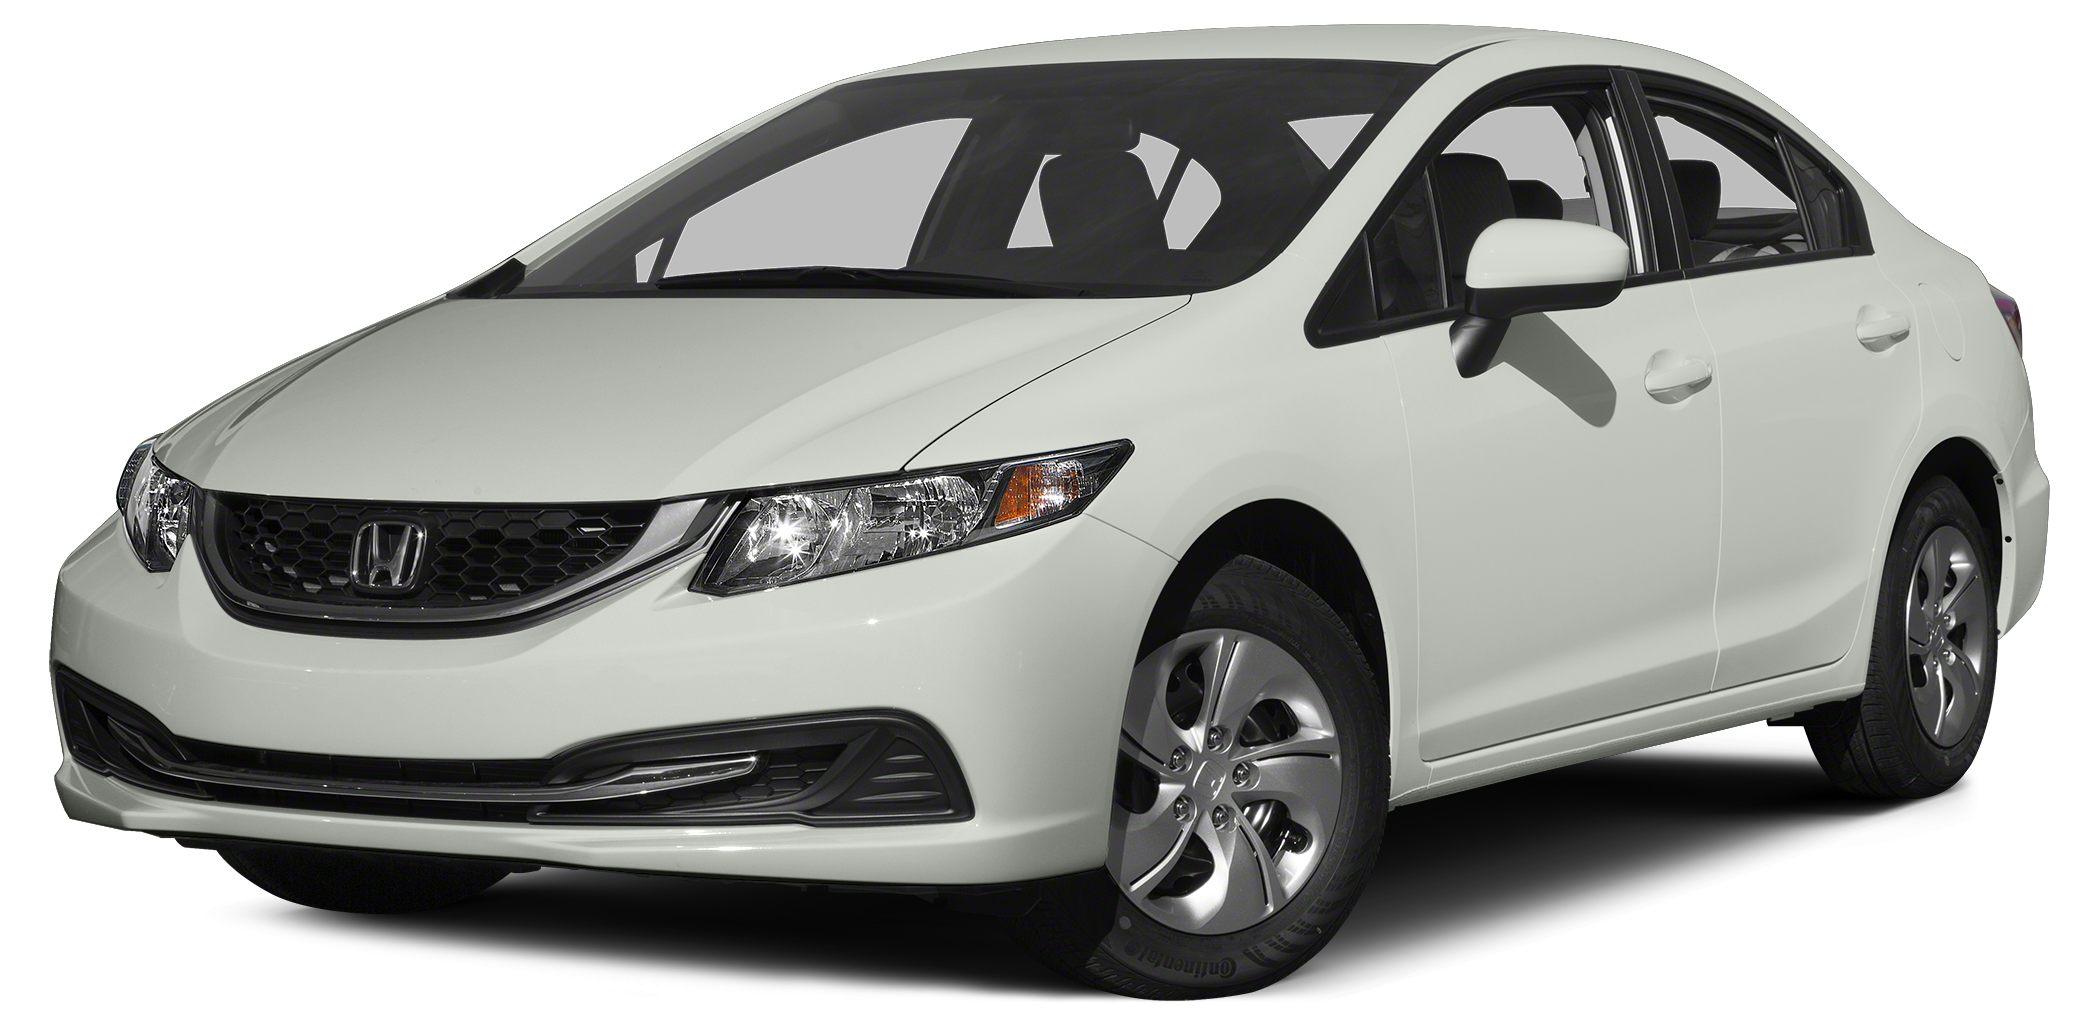 2015 Honda Civic LX Miles 33767Color Taffeta White Stock PN16259 VIN 19XFB2F59FE219719